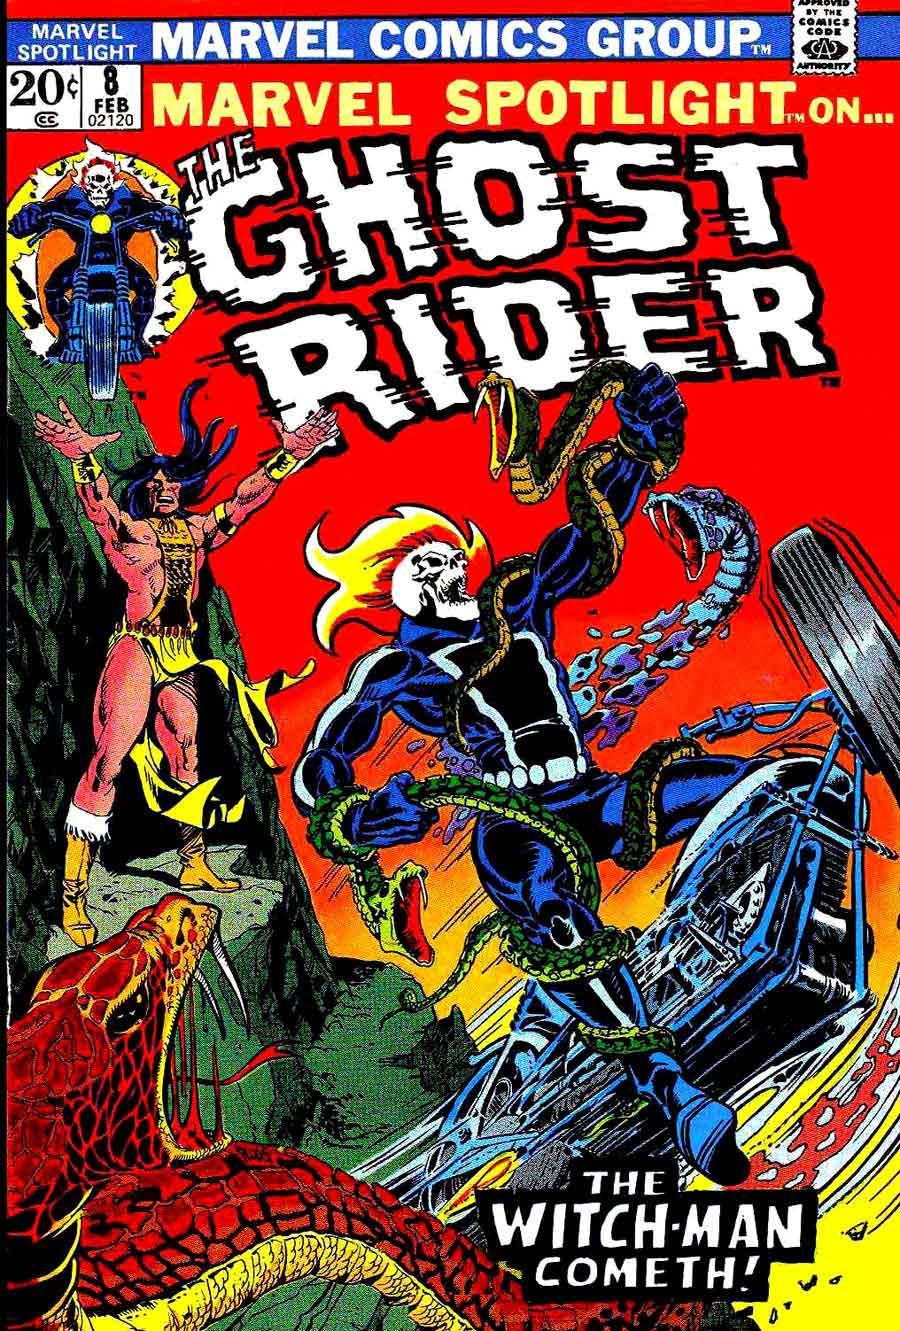 Marvel Spotlight v1 #8 Ghost Rider marvel comic book cover art by Mike Ploog